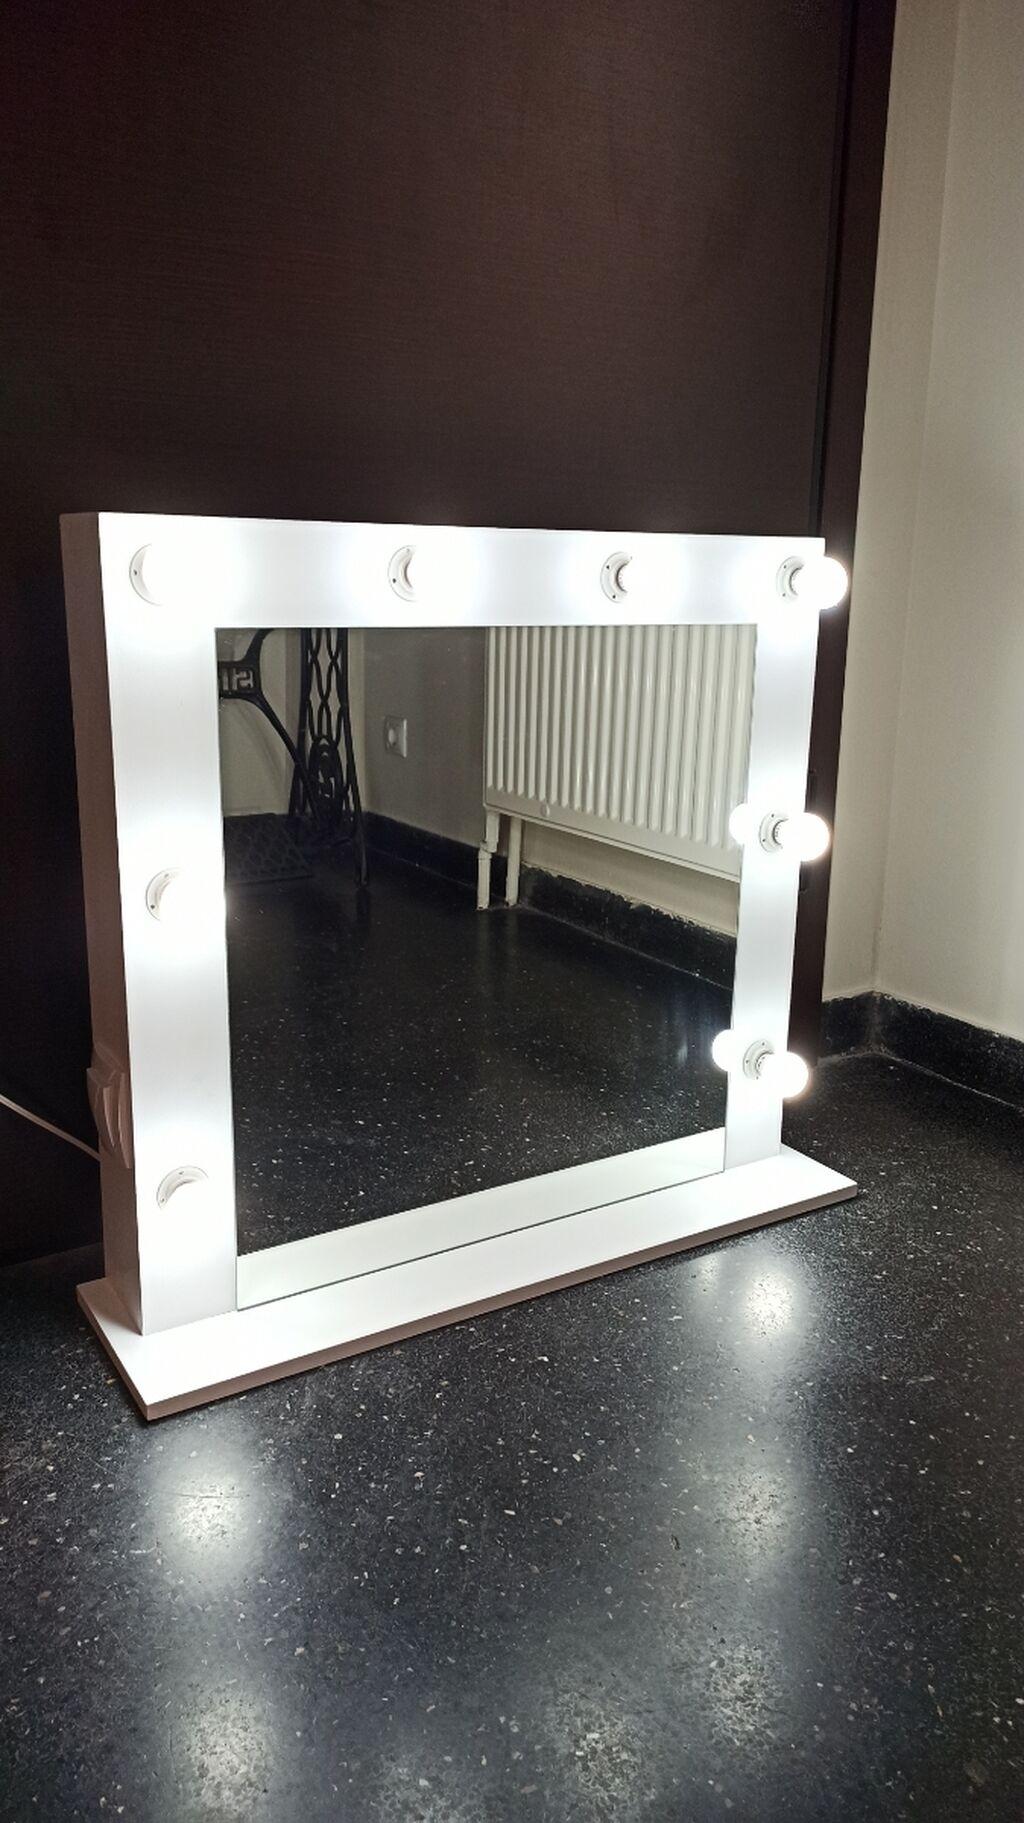 Καθρέπτες - Άγιοι Ανάργυροι: Καθρέφτης Hollywood καινουργιος χειροποίητος. Διαστασεις 70x65cm